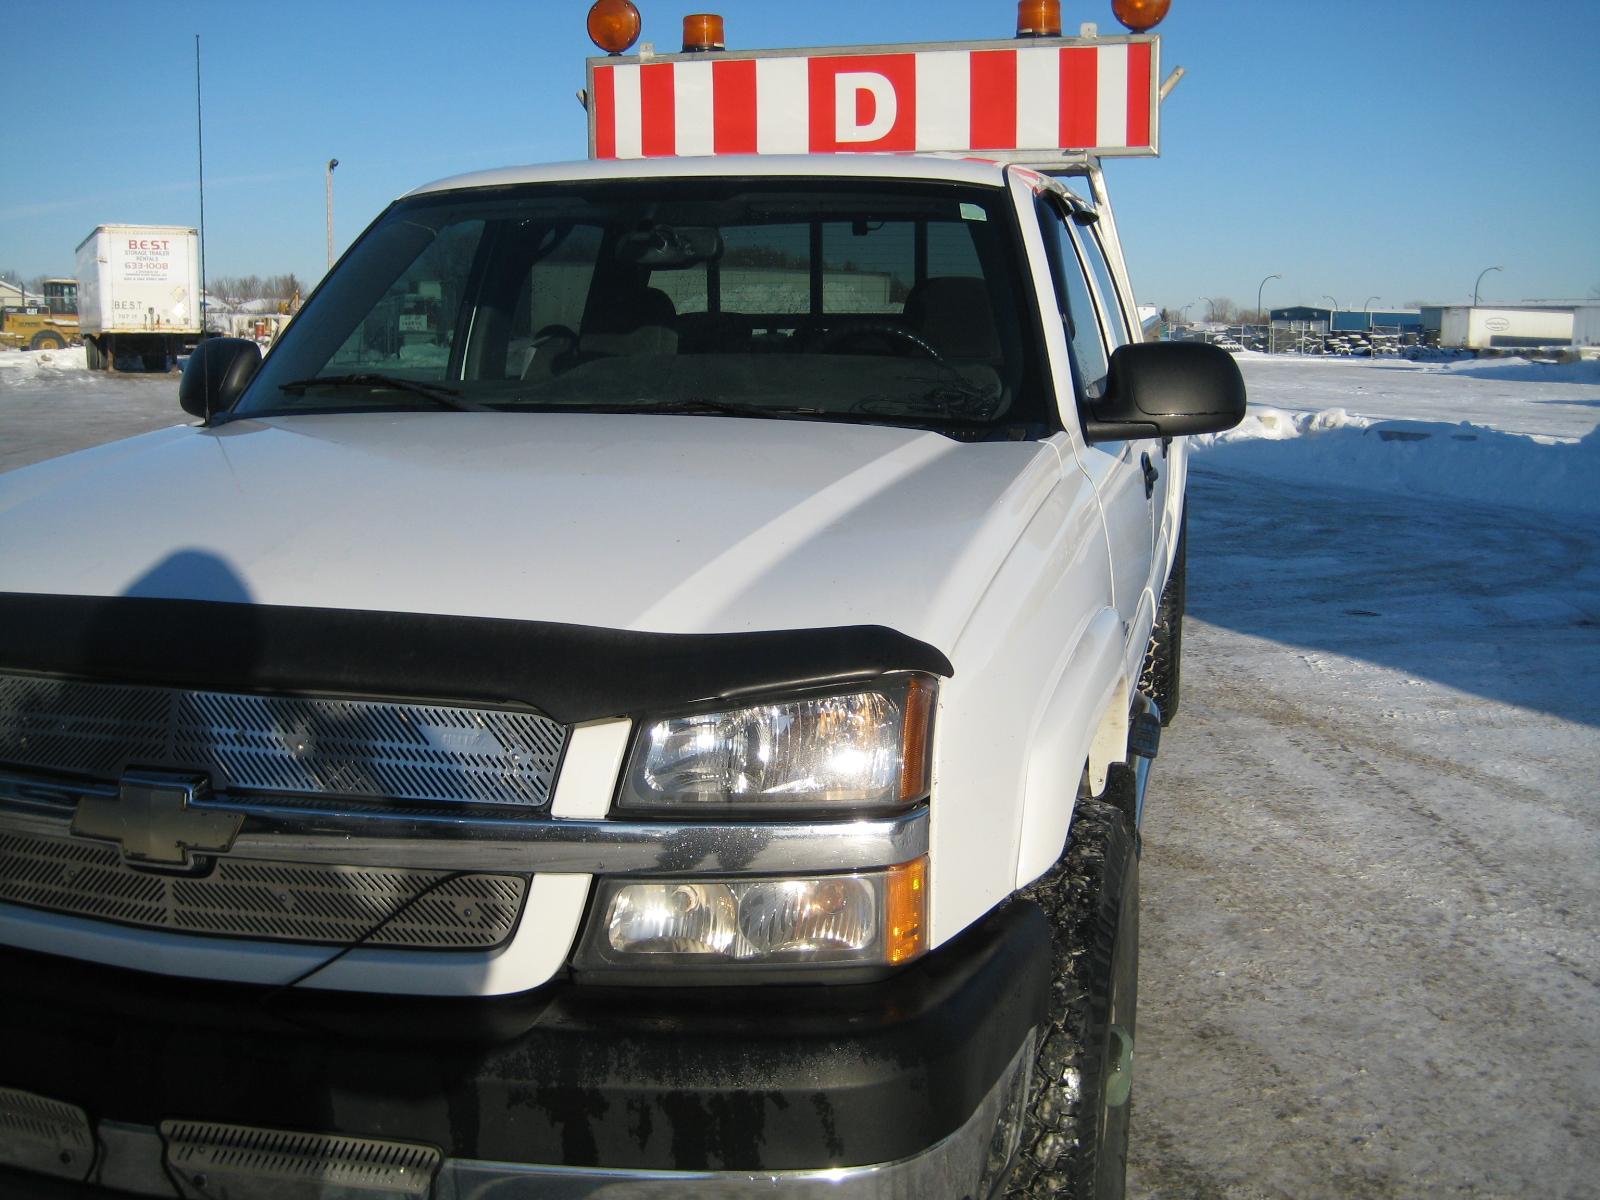 pilot-truck-service-winnipeg